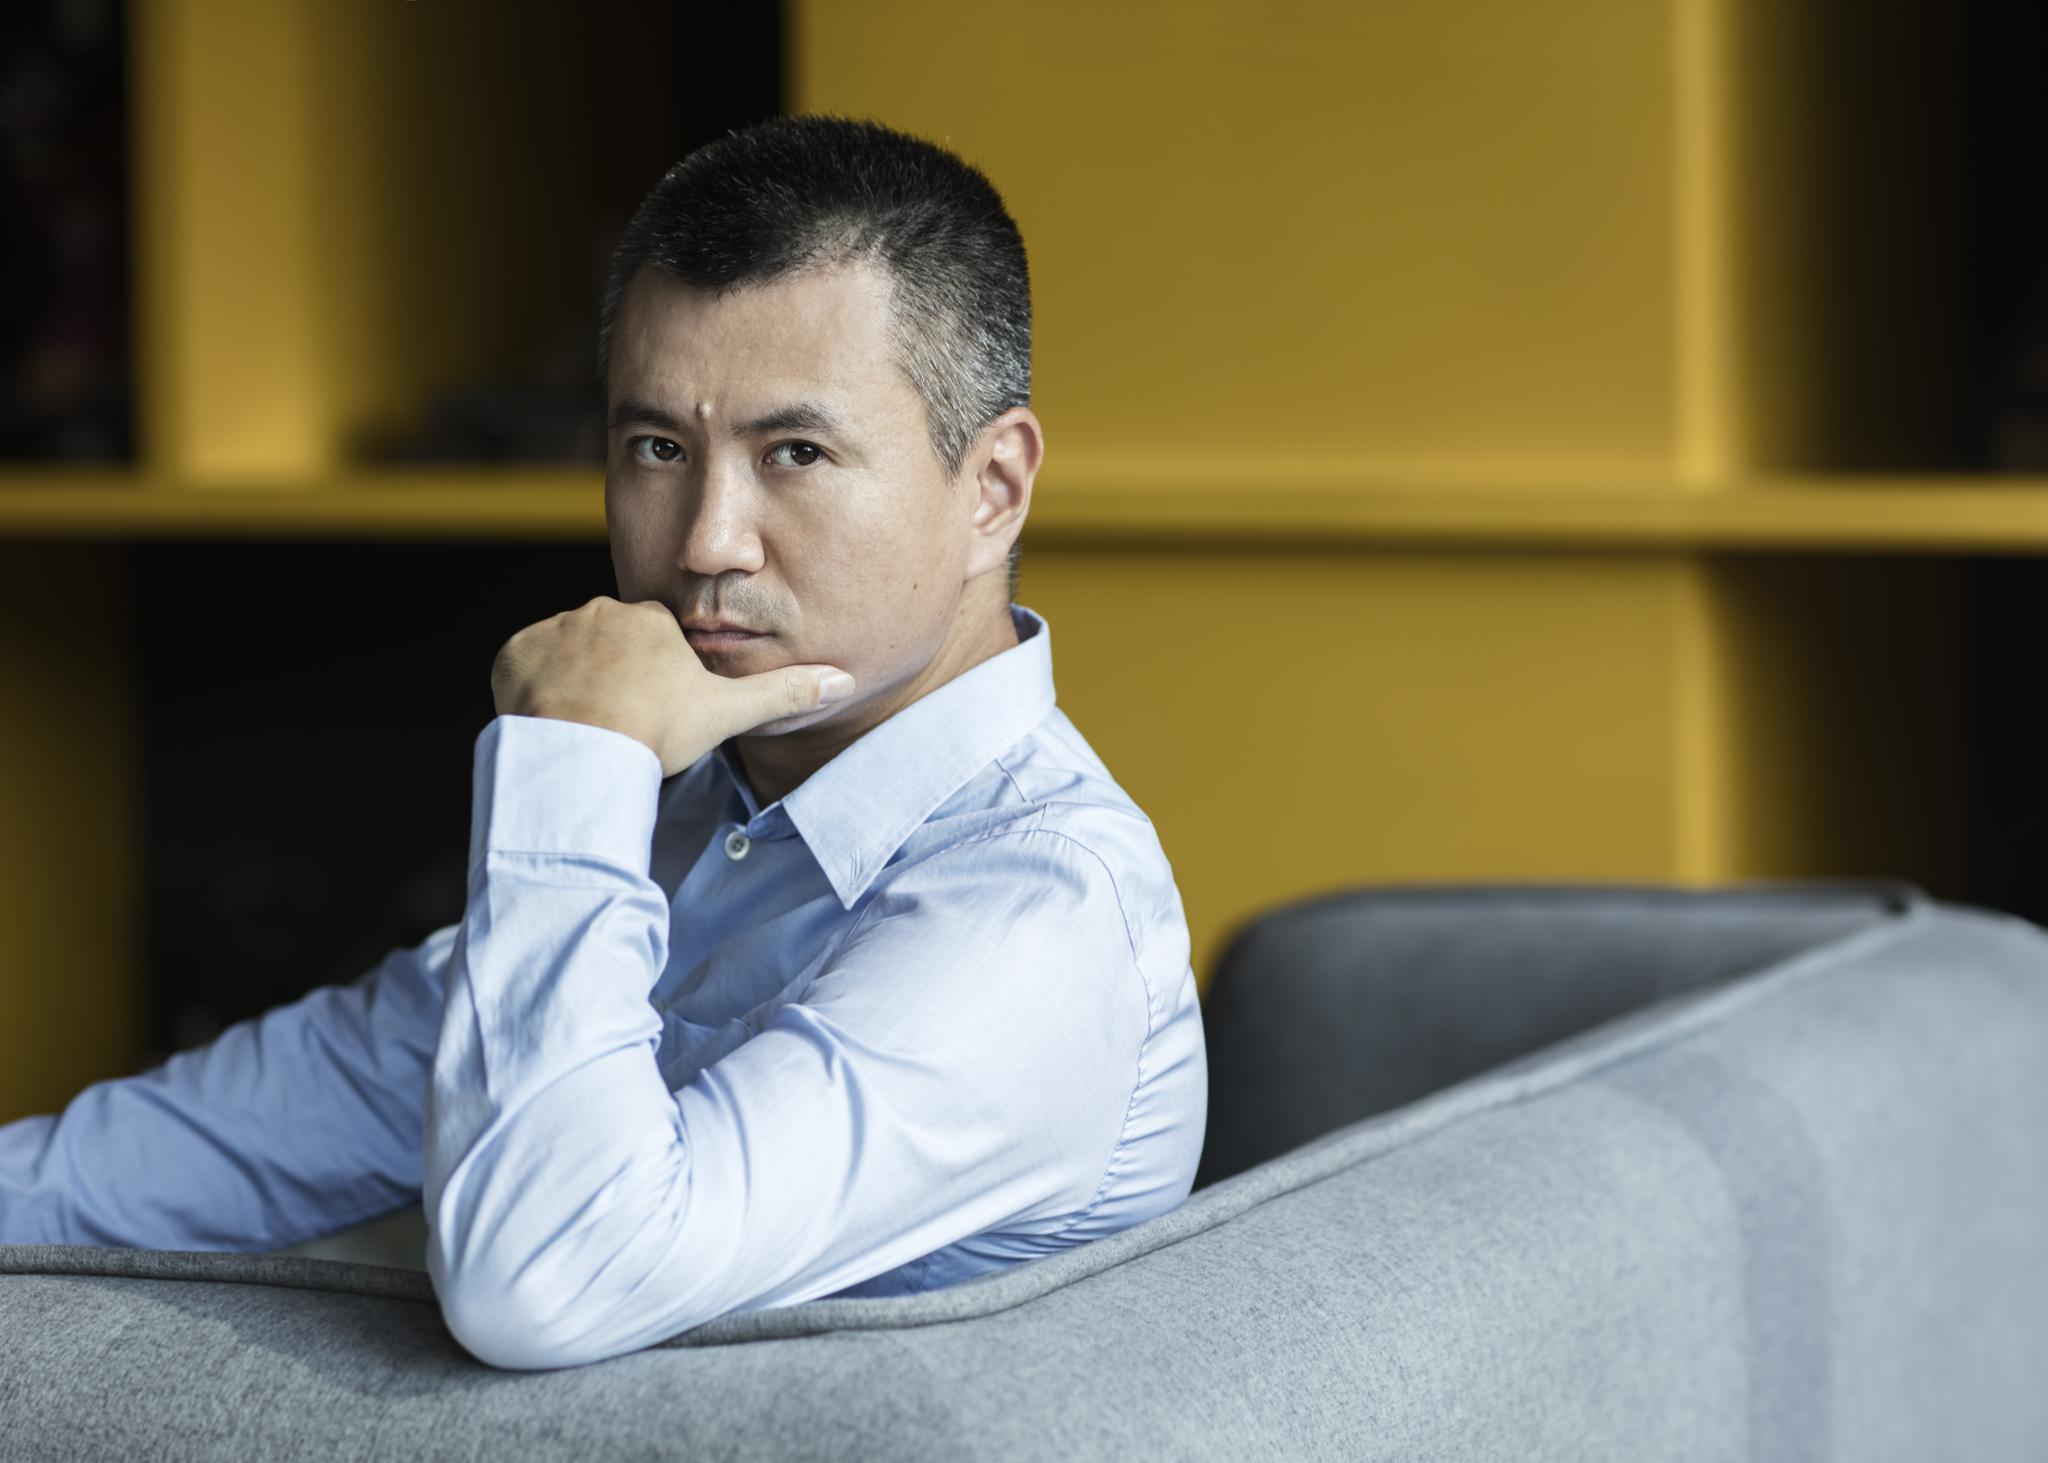 騰訊首席運營官,平臺與內容事業羣(PCG)總裁任宇昕。